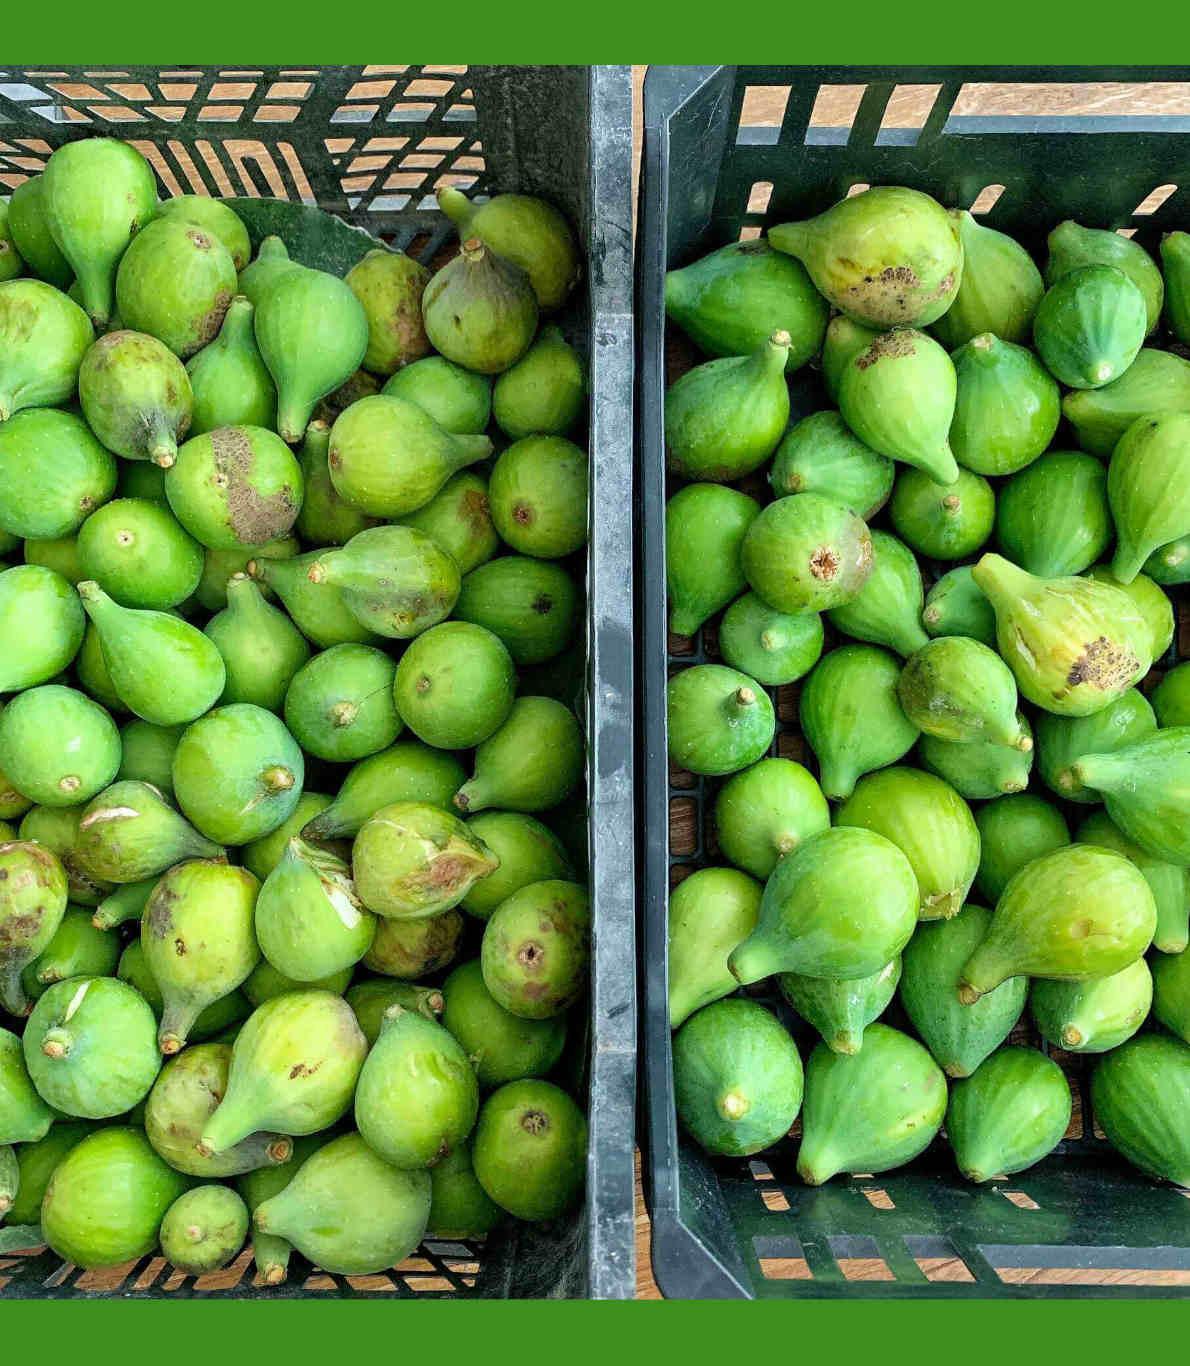 Duas caixas cheias de figos verdes acabados de apanhar.